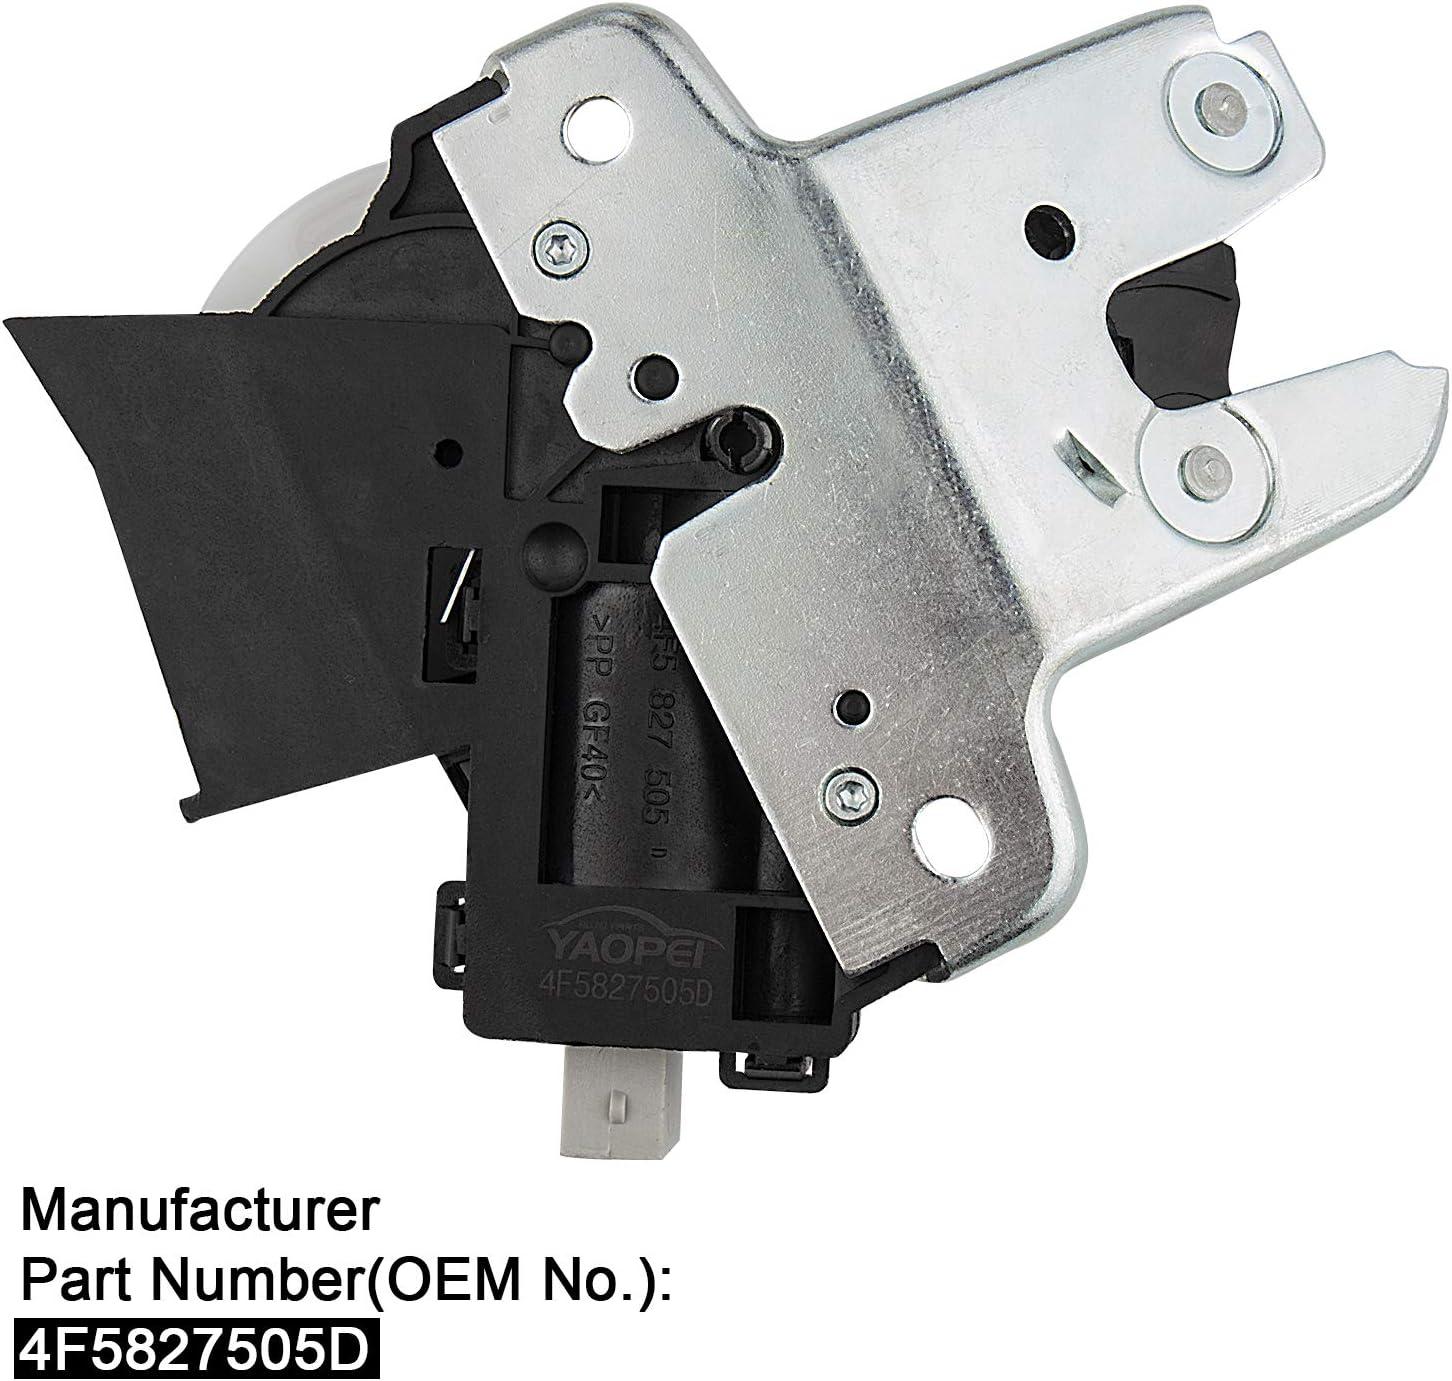 2009//Fsc600/FSC 600/Silverwing 600/2002 Cyleto Plaquettes de frein avant et arri/ère pour Honda Fjs600/Fjs 600/Silverwing 2001 2010